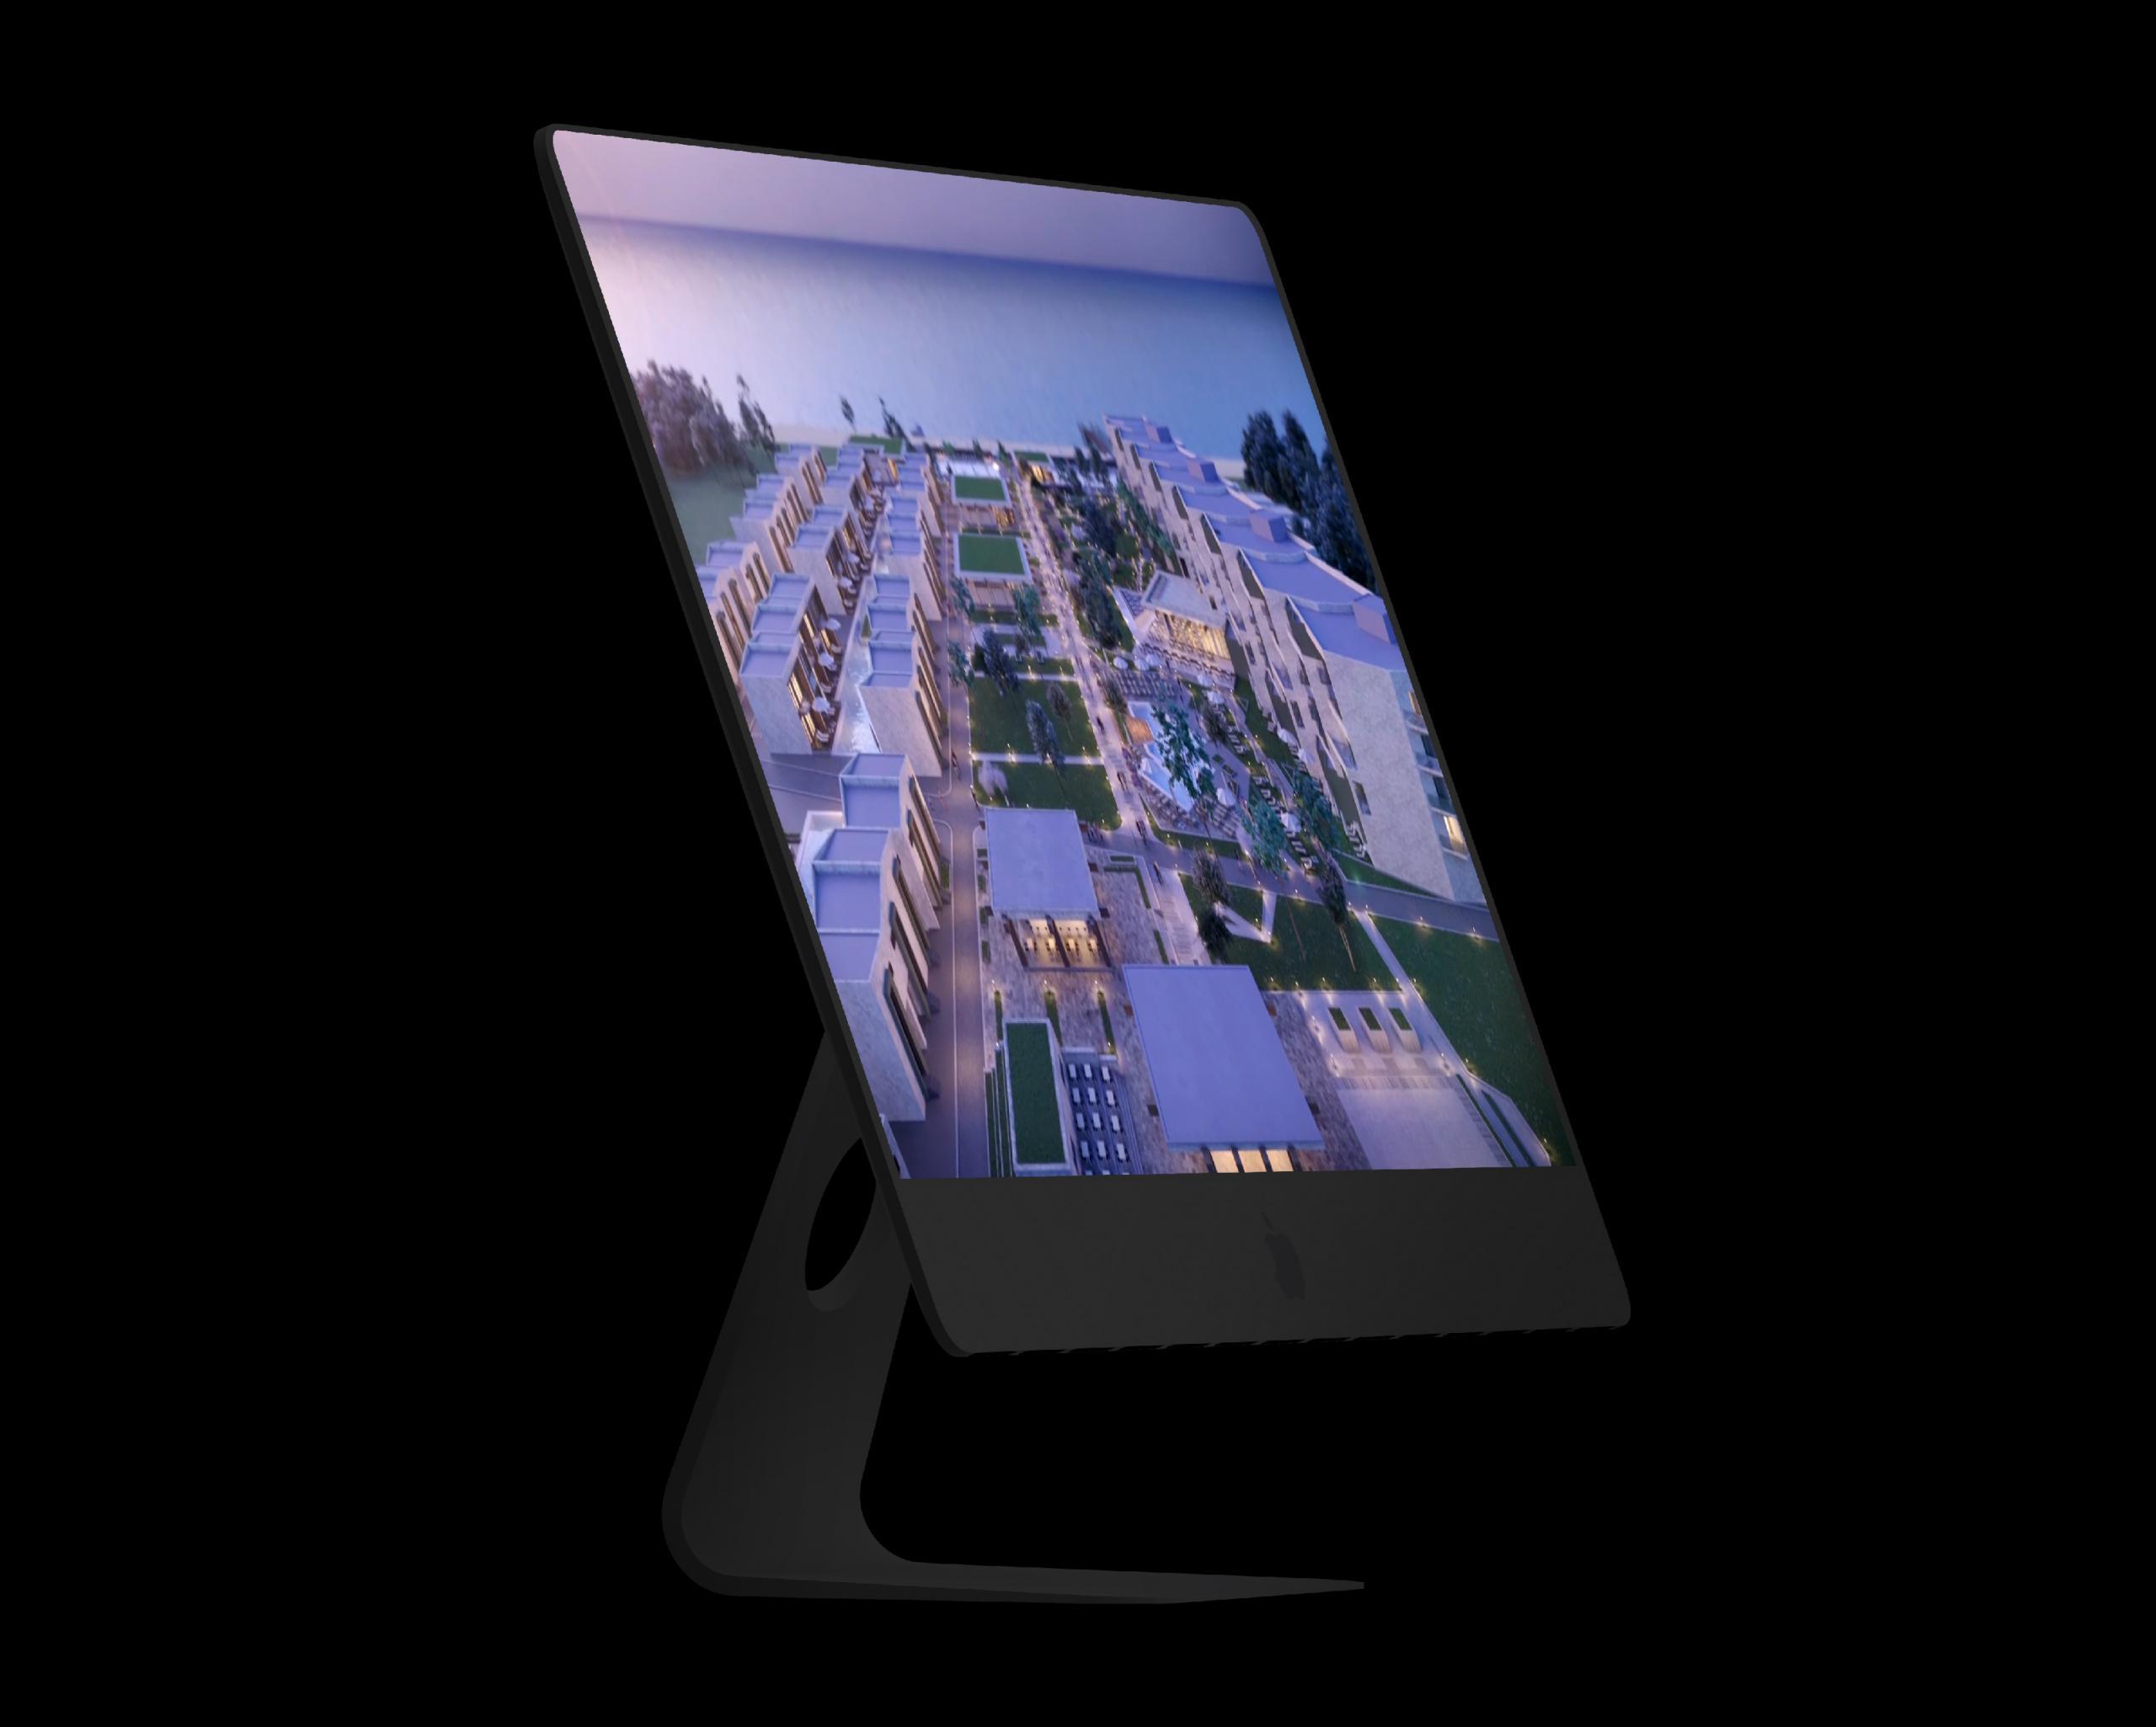 Reina del Mar Video virtuale per promozione villaggio turistico